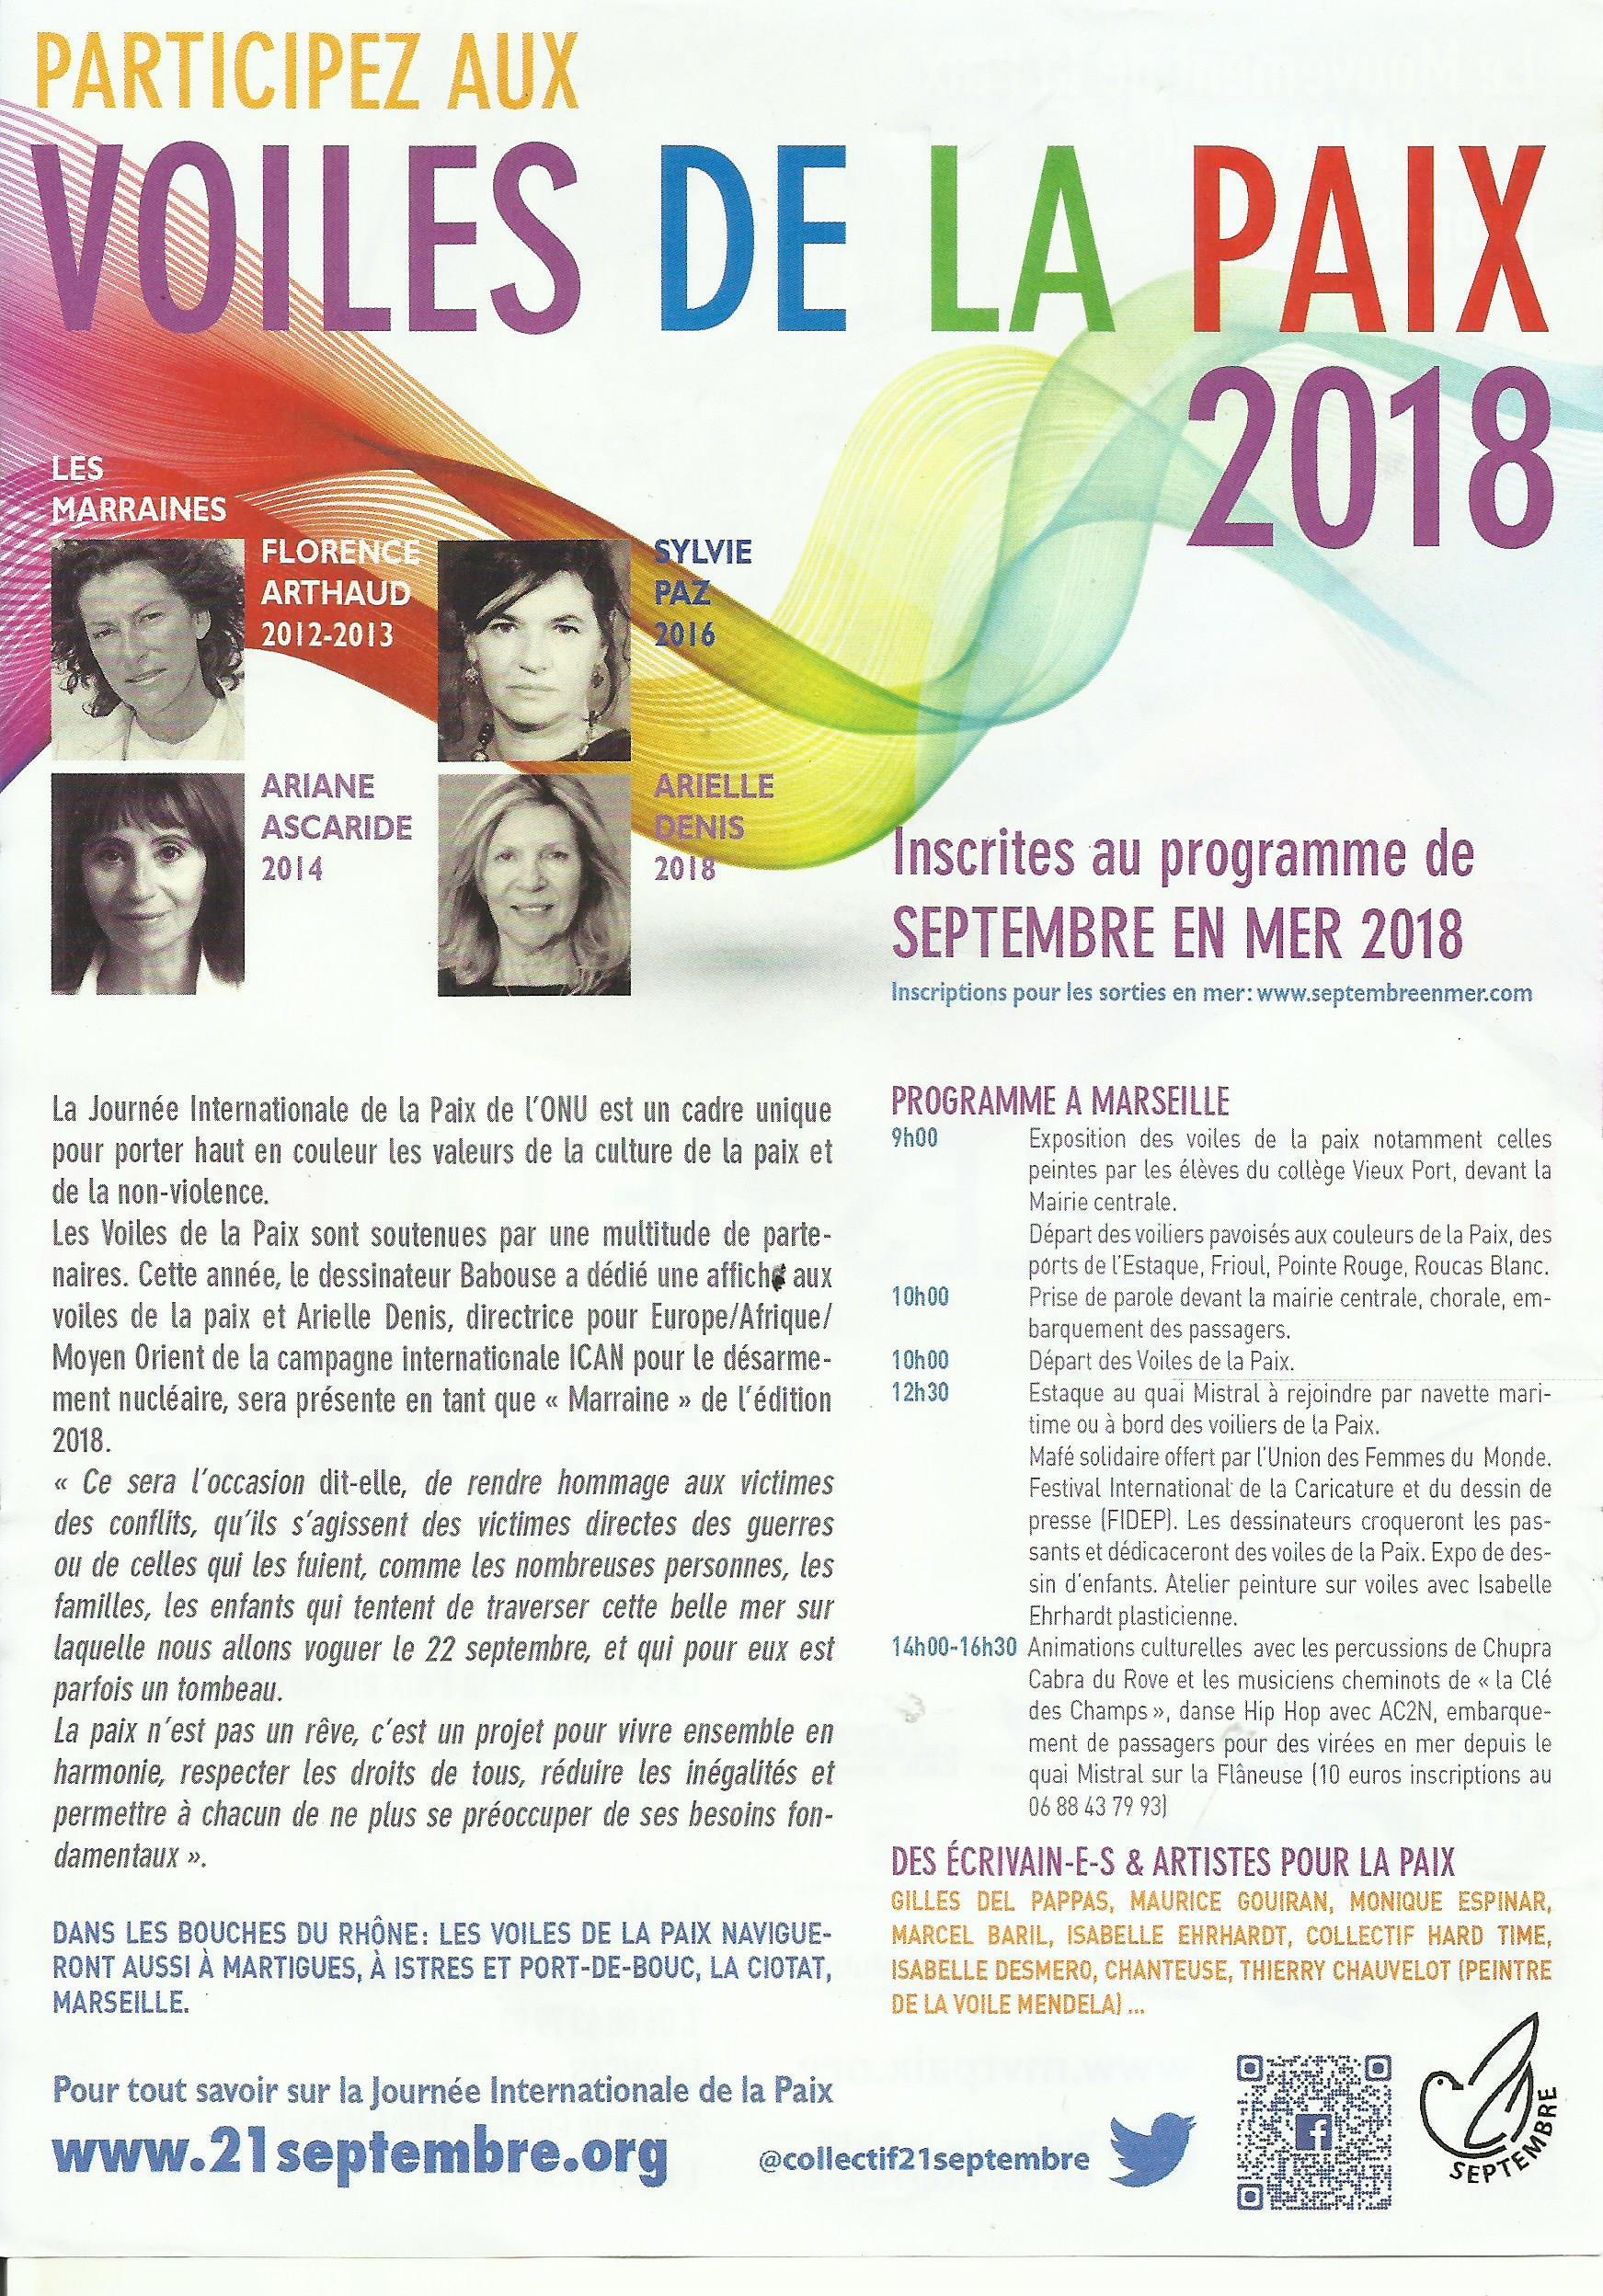 Culture de paix : Les voiles de la paix le 22 septembre à Marseille